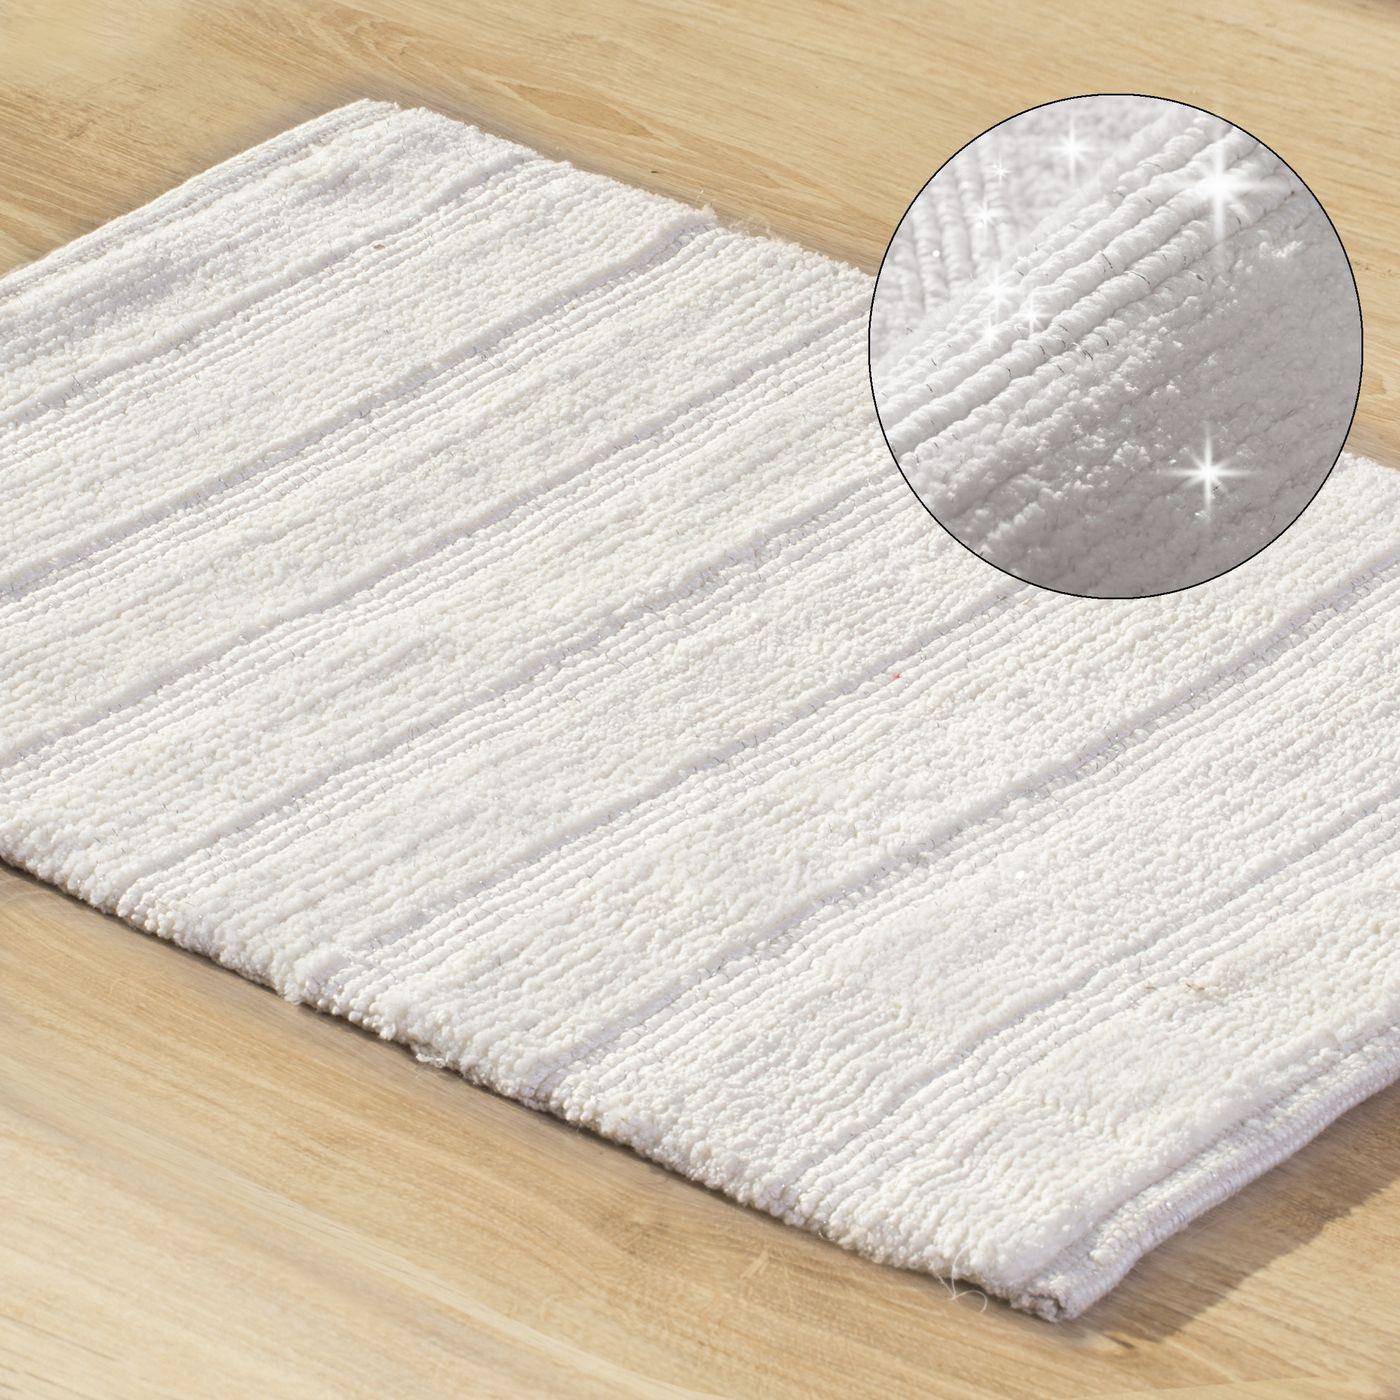 Łazienkowy dywanik w paski splot pętelkowy krem 60x90 cm